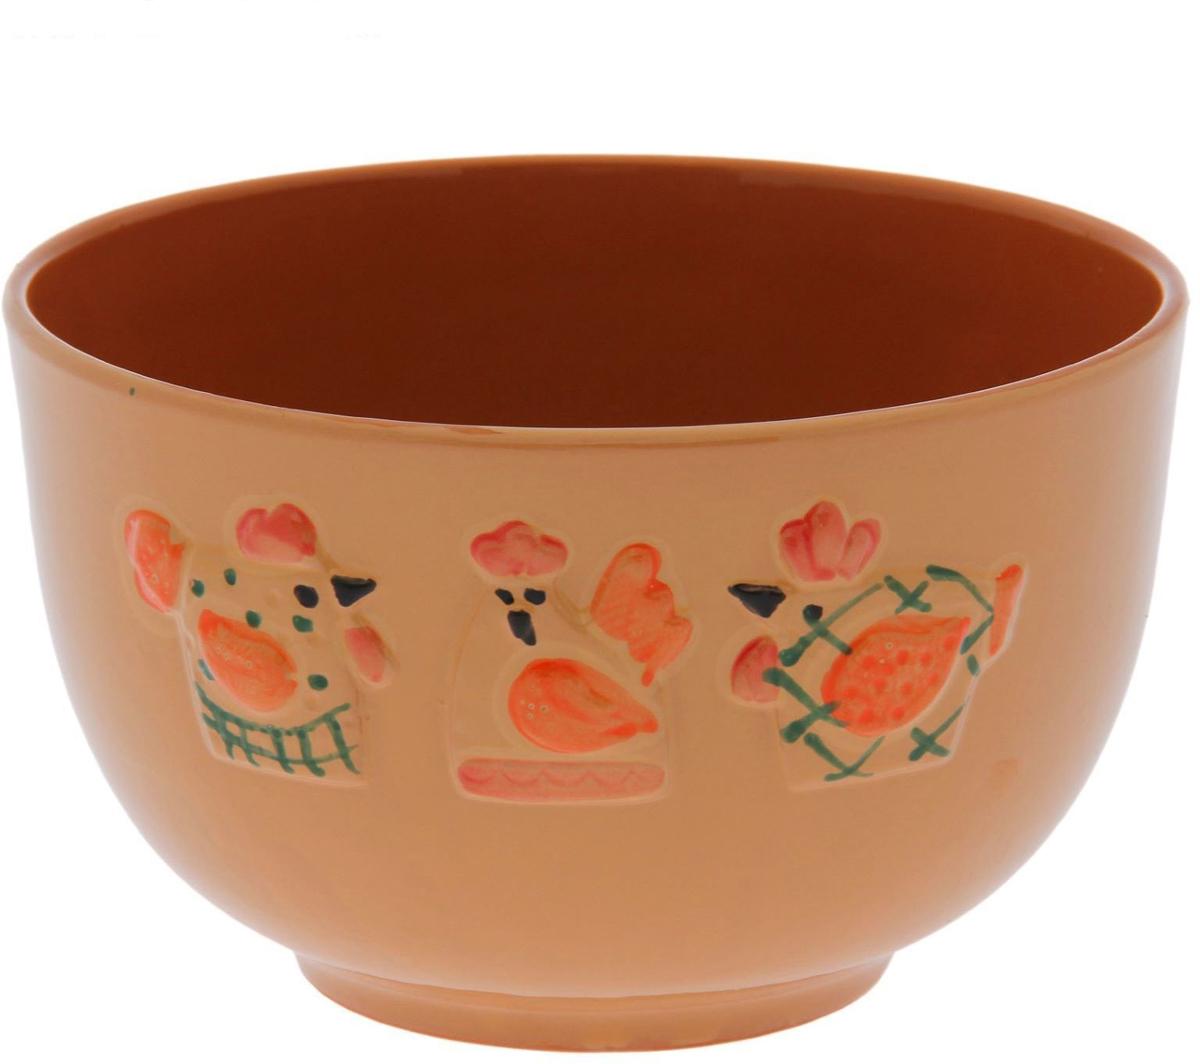 """Салатник Борисовская керамика """"Кукареку"""" выполнен из высококачественной керамики.   Яркий дизайн придется по вкусу и ценителям классики, и тем, кто предпочитает утонченность и изысканность.  Салатник идеально подойдет для сервировки стола и станет отличным подарком к любому празднику."""